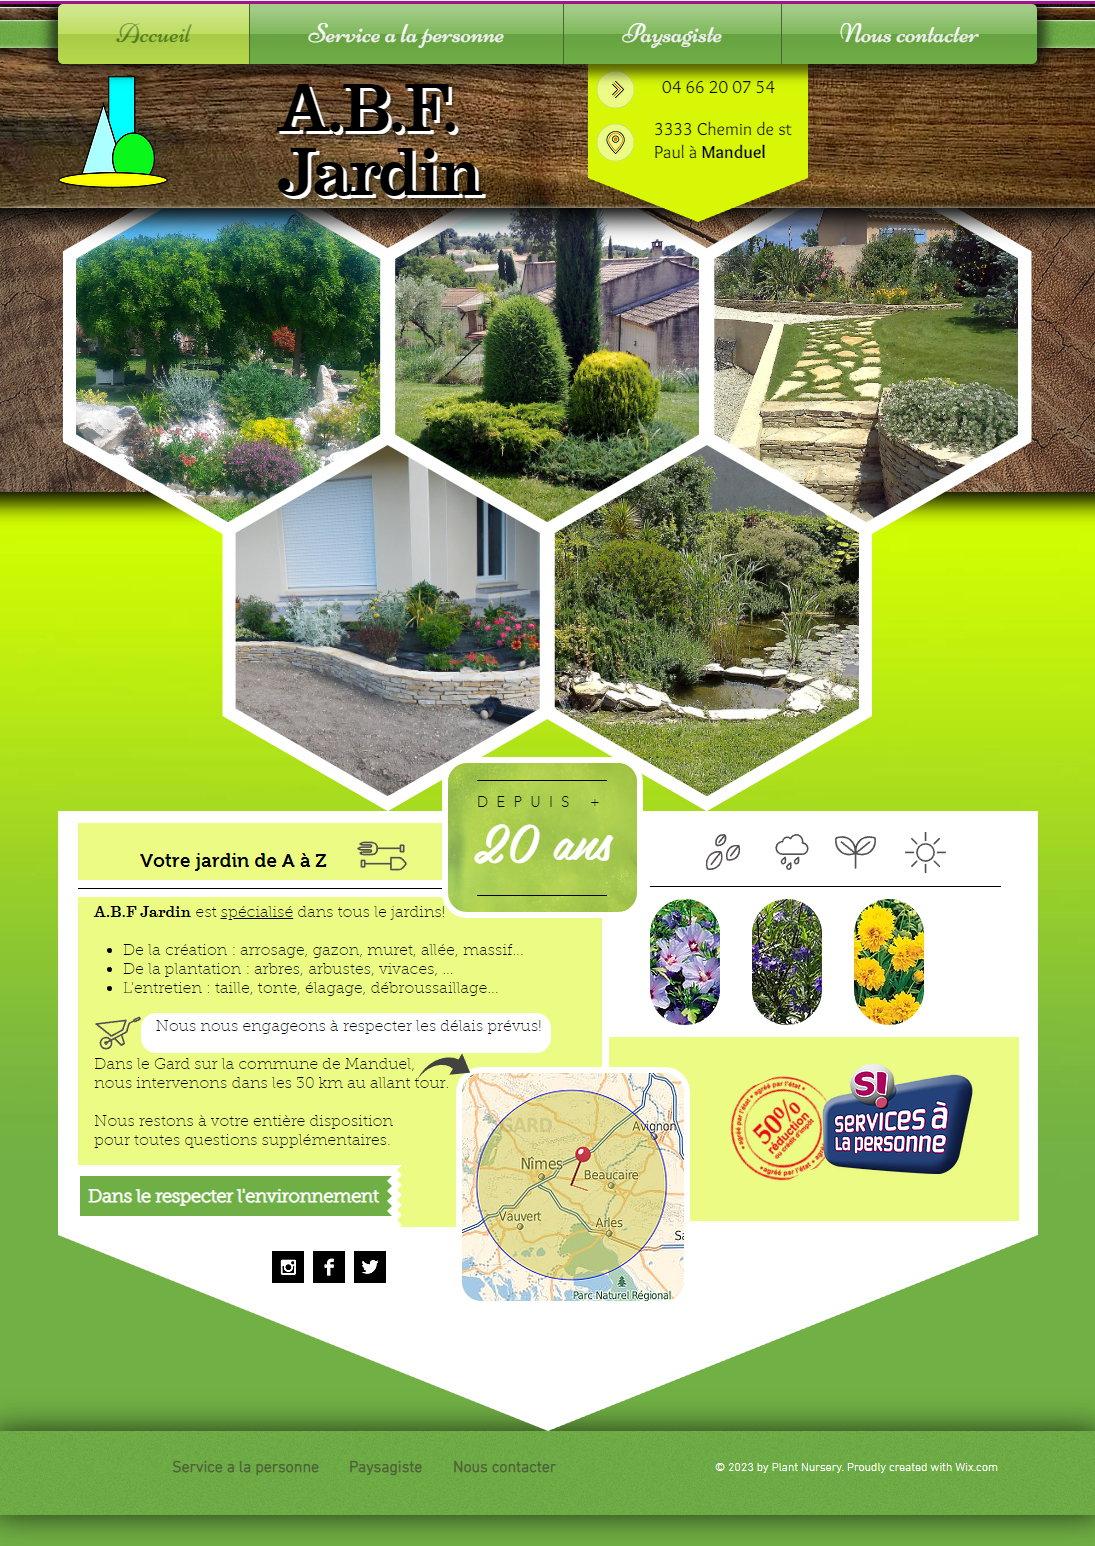 Abf Jardin Paysagiste Dans Toute La Région De Nimes. Votre ... encequiconcerne Specialiste Du Jardin